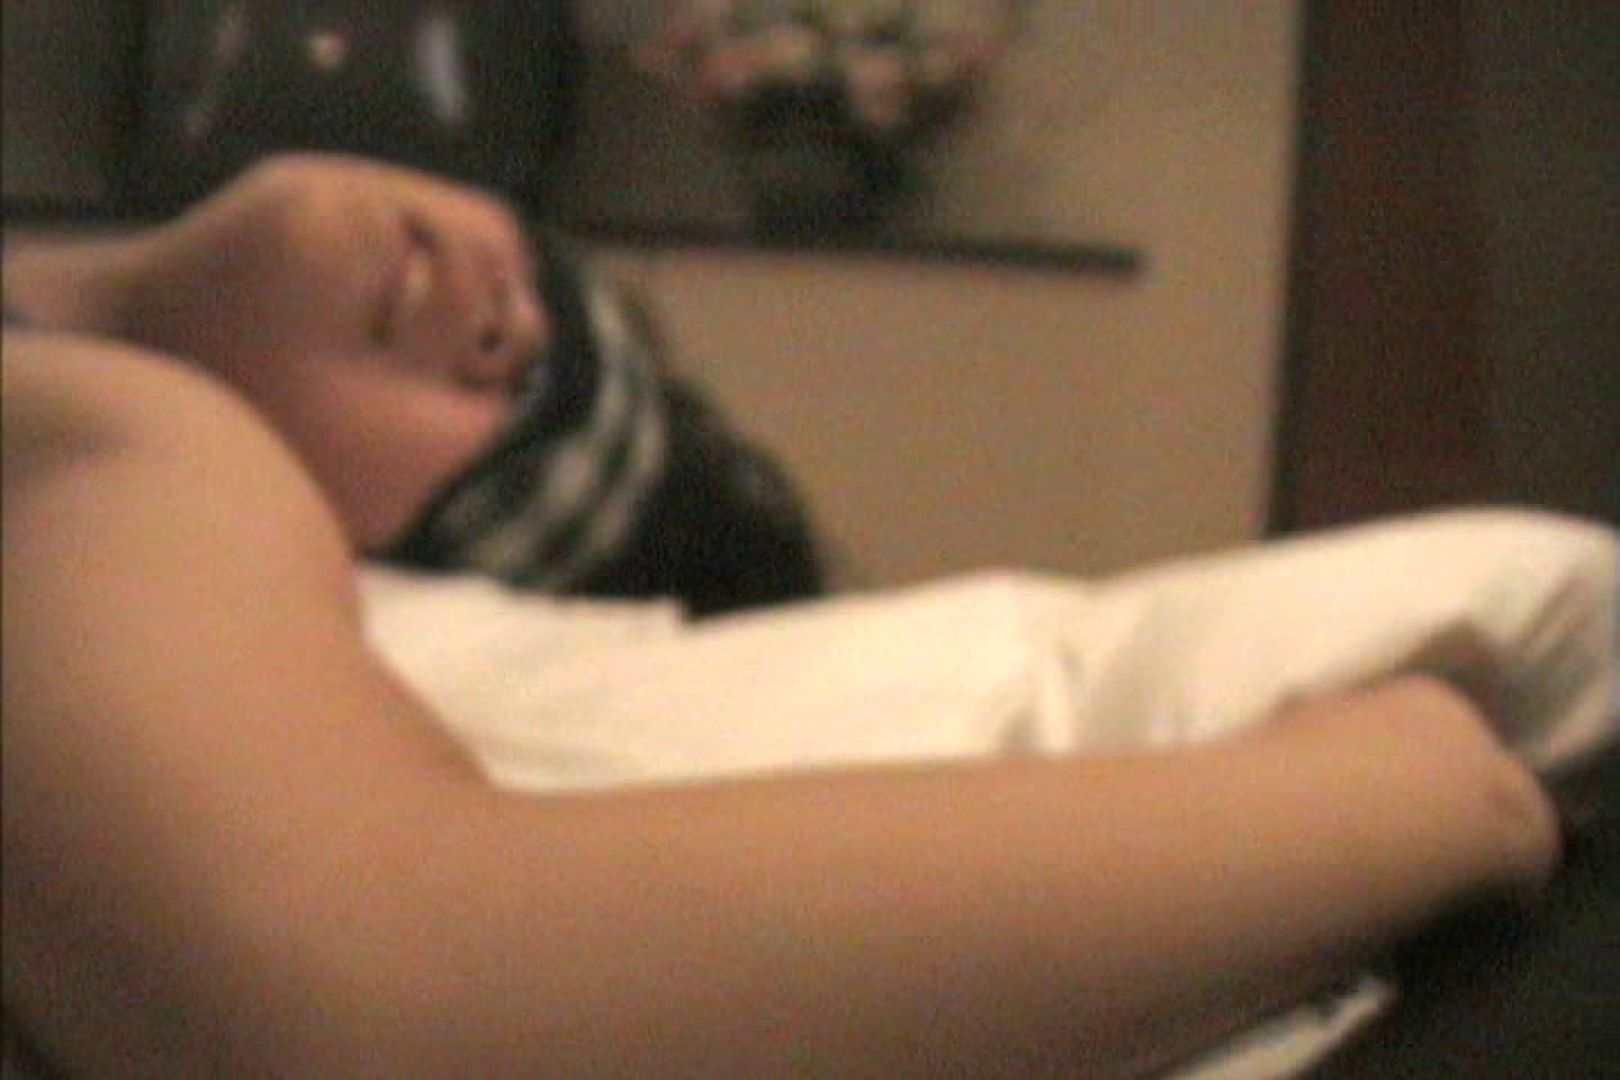 いっくんの調教! 18歳変態レズっ子えこちゃんシリーズVol.3 レズ娘 すけべAV動画紹介 24連発 4